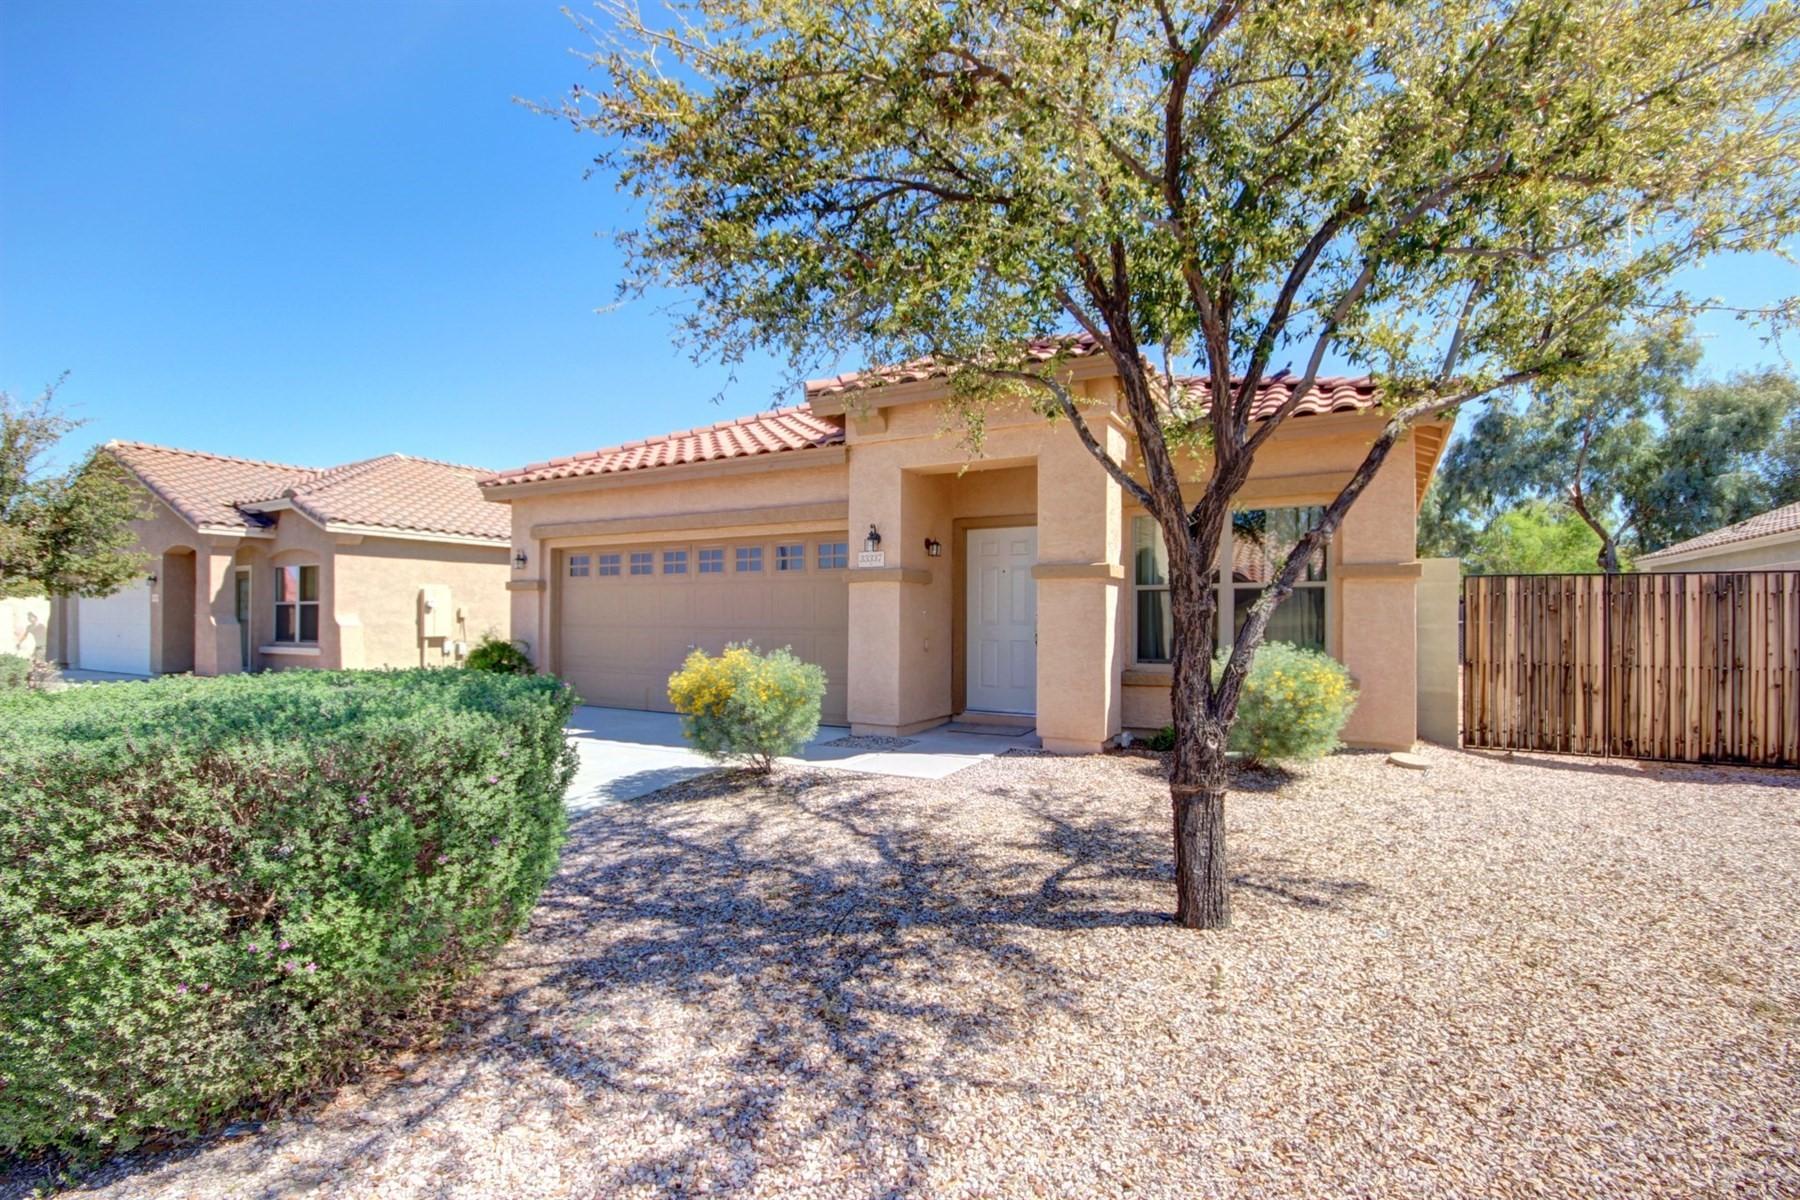 独户住宅 为 销售 在 Charming and spacious remodel in San Tan Heights 33337 N Sonoran Trl 昆克里克, 亚利桑那州, 85142 美国